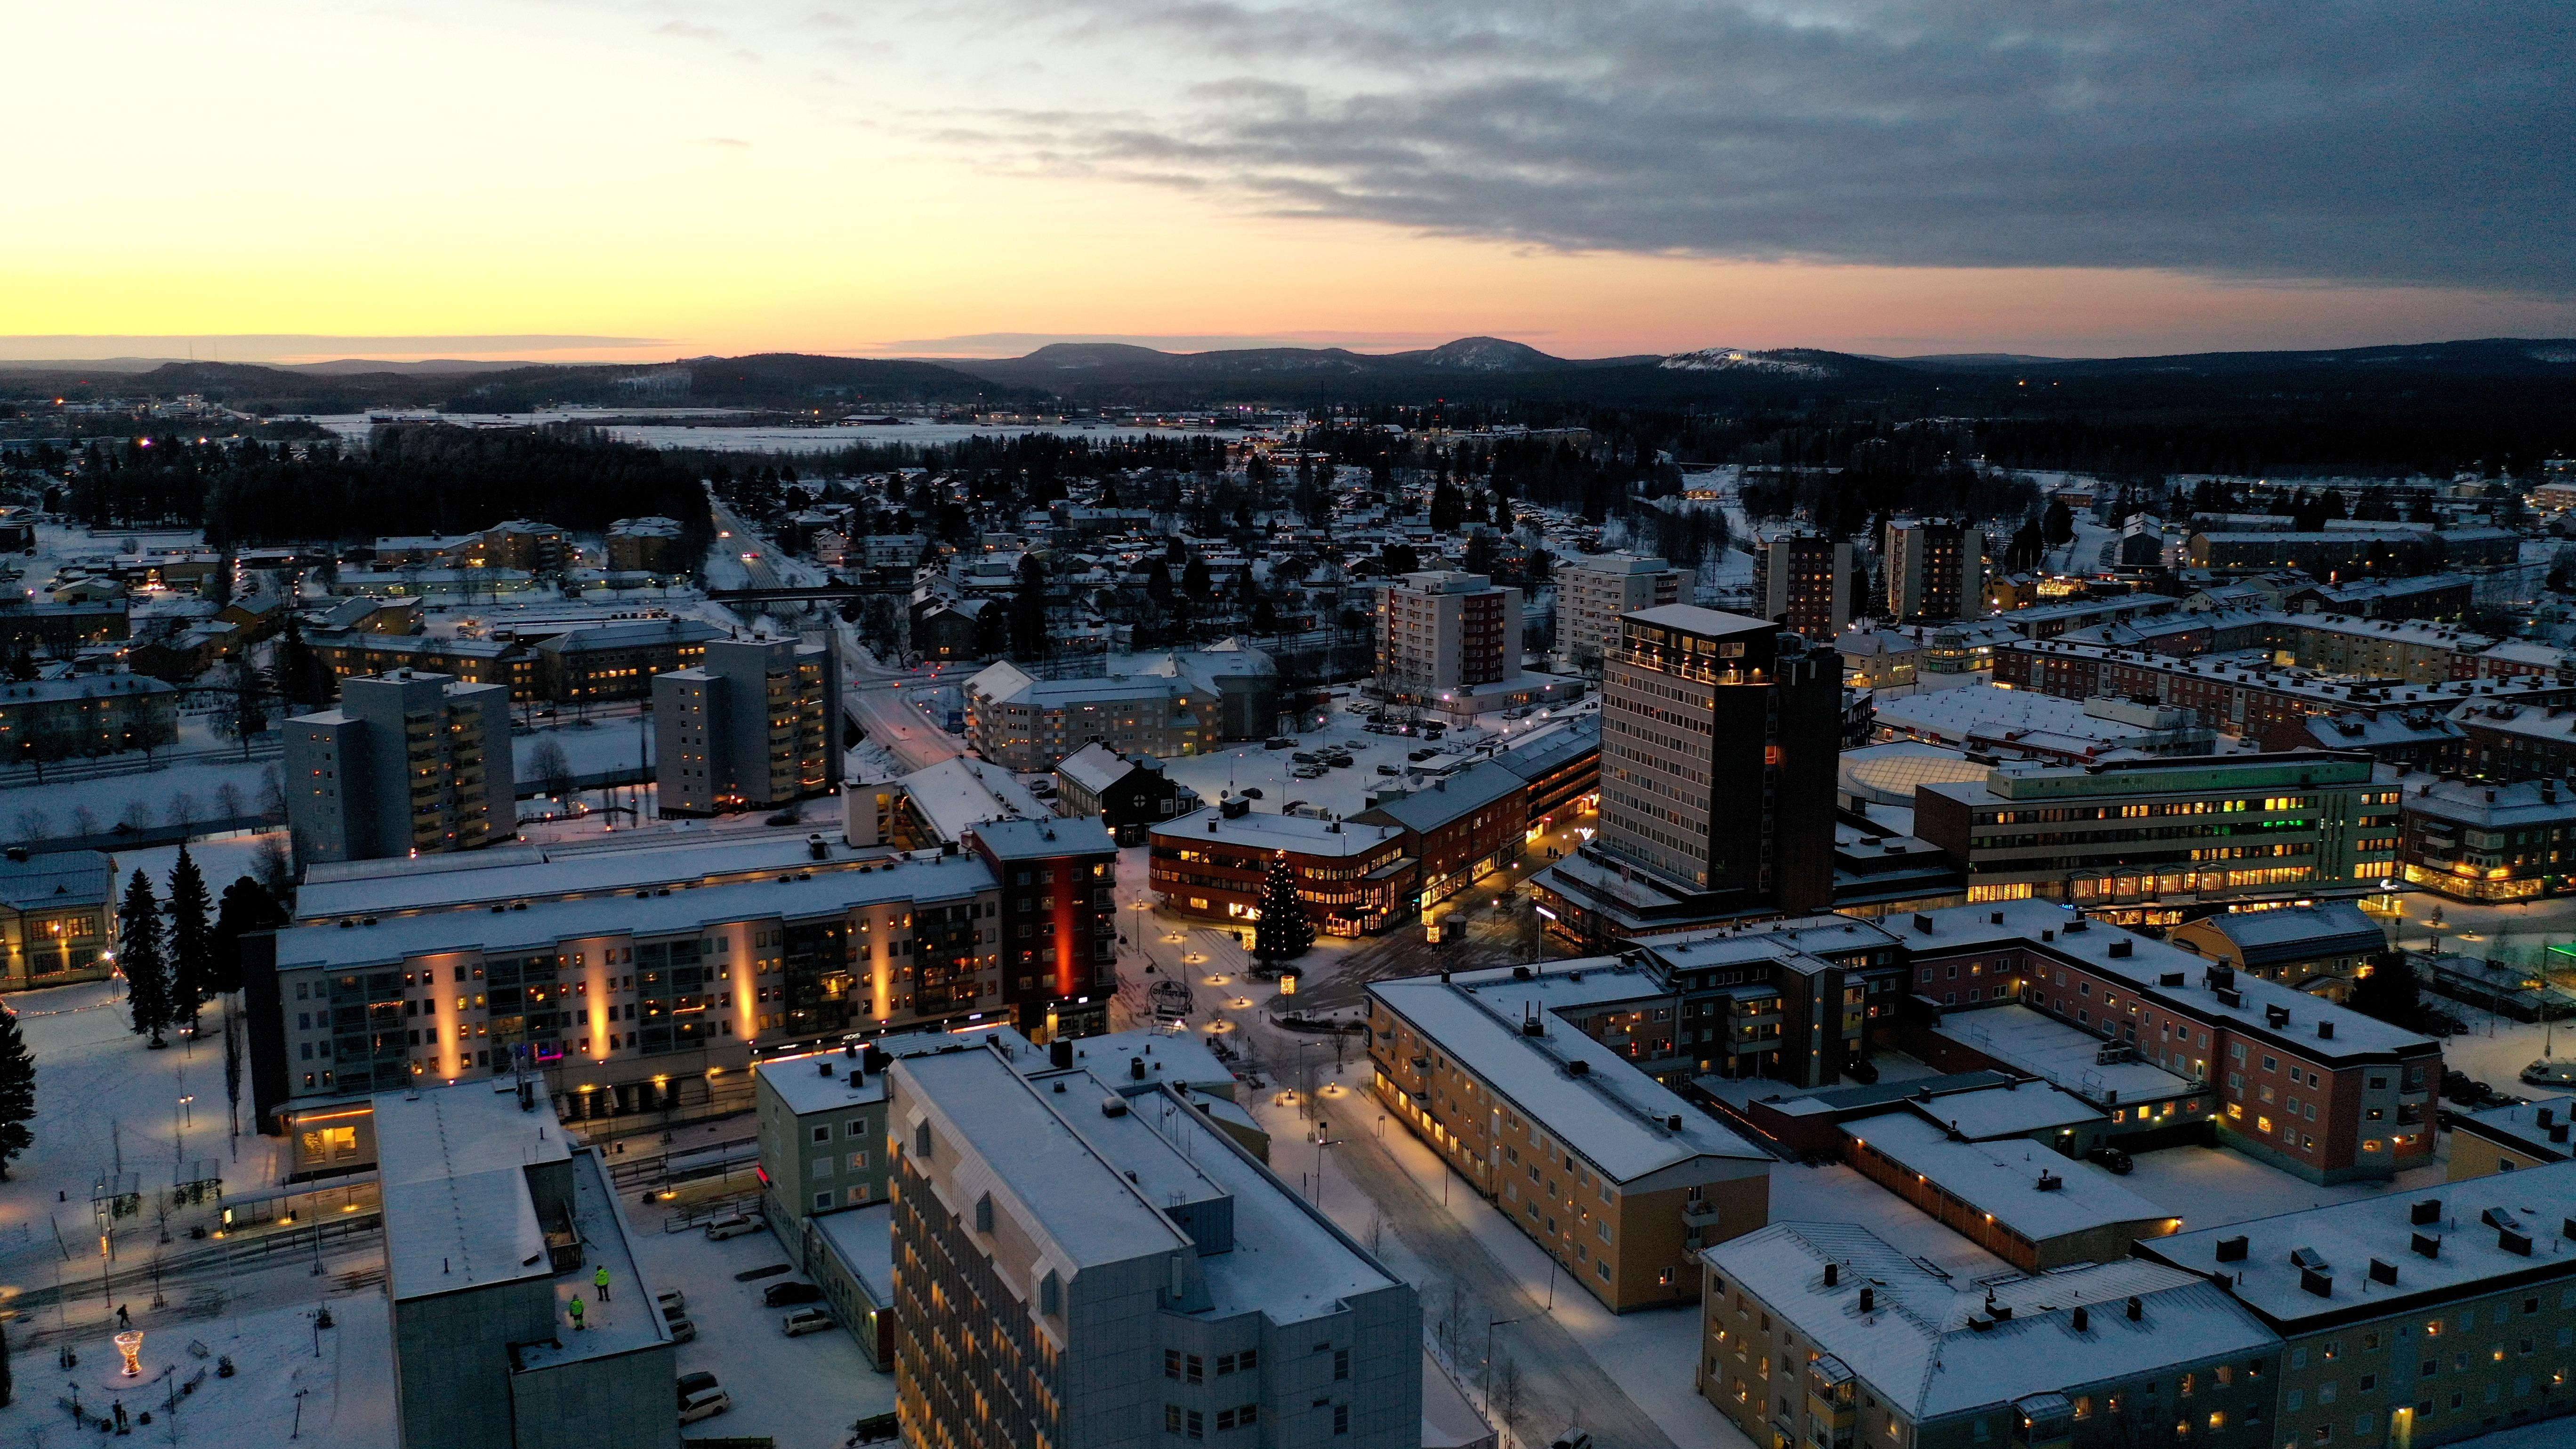 Flygfoto över Boden centrum en vintermorgon, fotat från kyrkgatan med utsikt över bägge stadshusen, hotell Bodensia och Swedbank-huset.